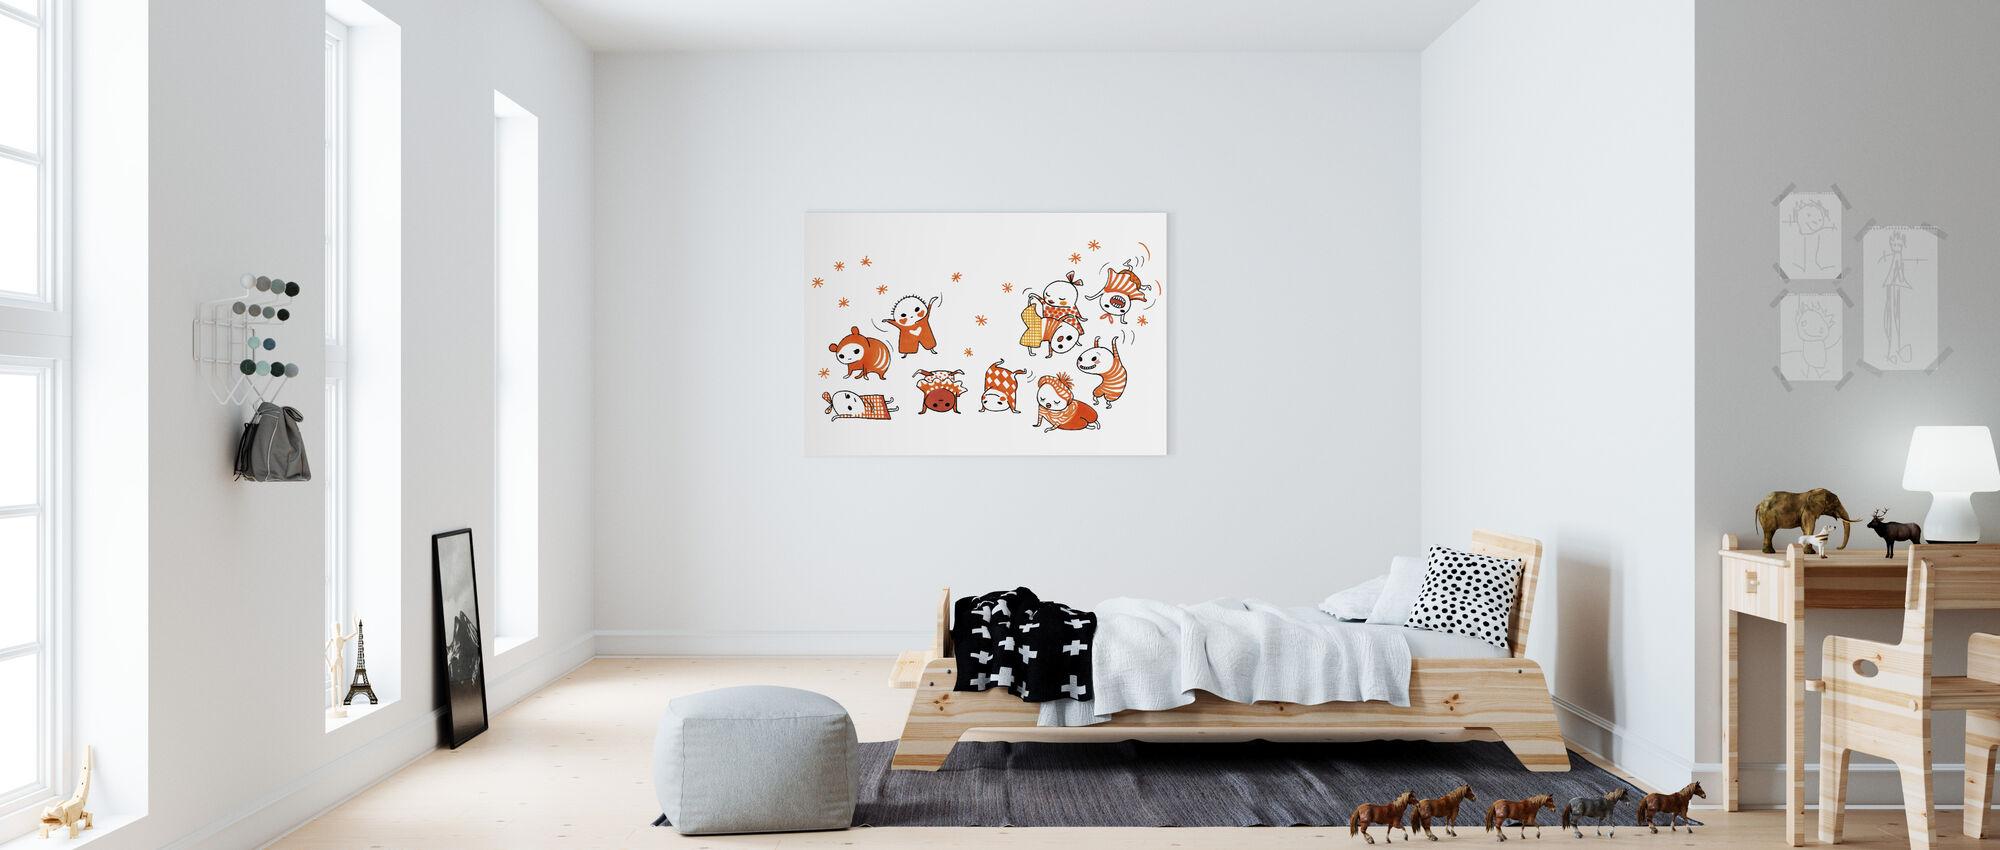 Dix Brandgullegula peut presque roue - Impression sur toile - Chambre des enfants